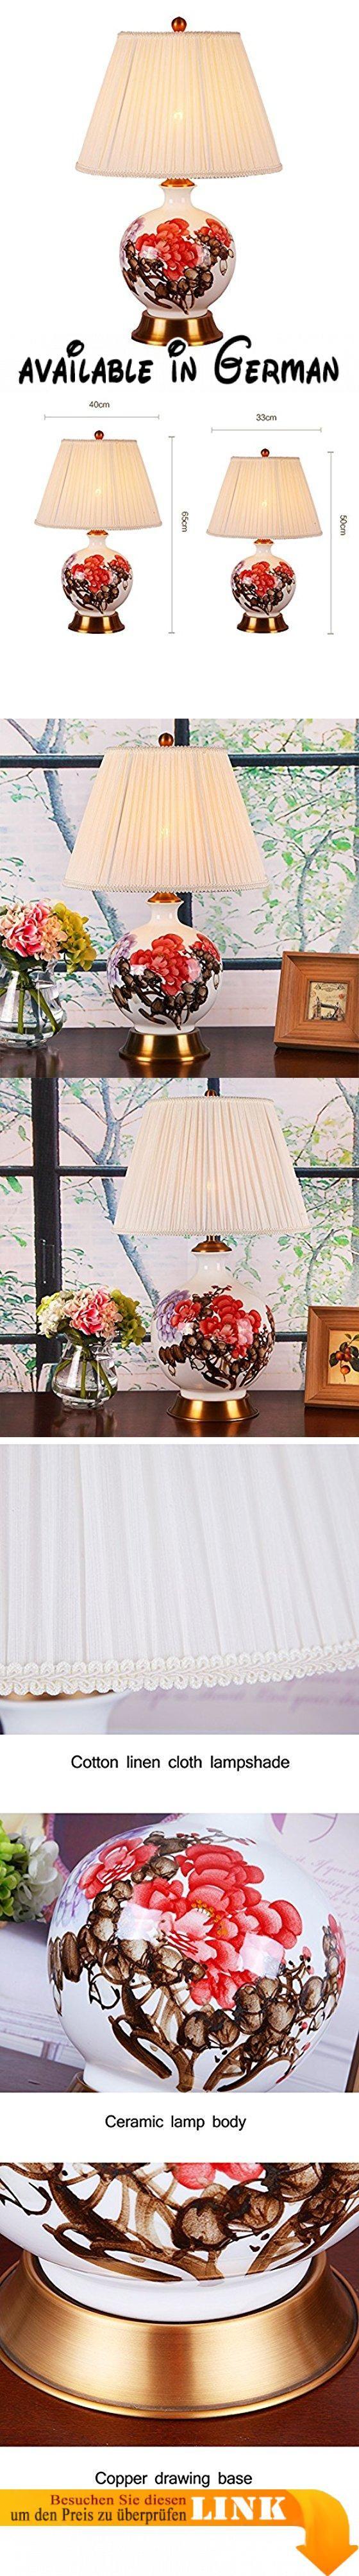 Manuels vintage zimmer zwl keramik tischlampe handbemalt keramik tischlampe schlafzimmer